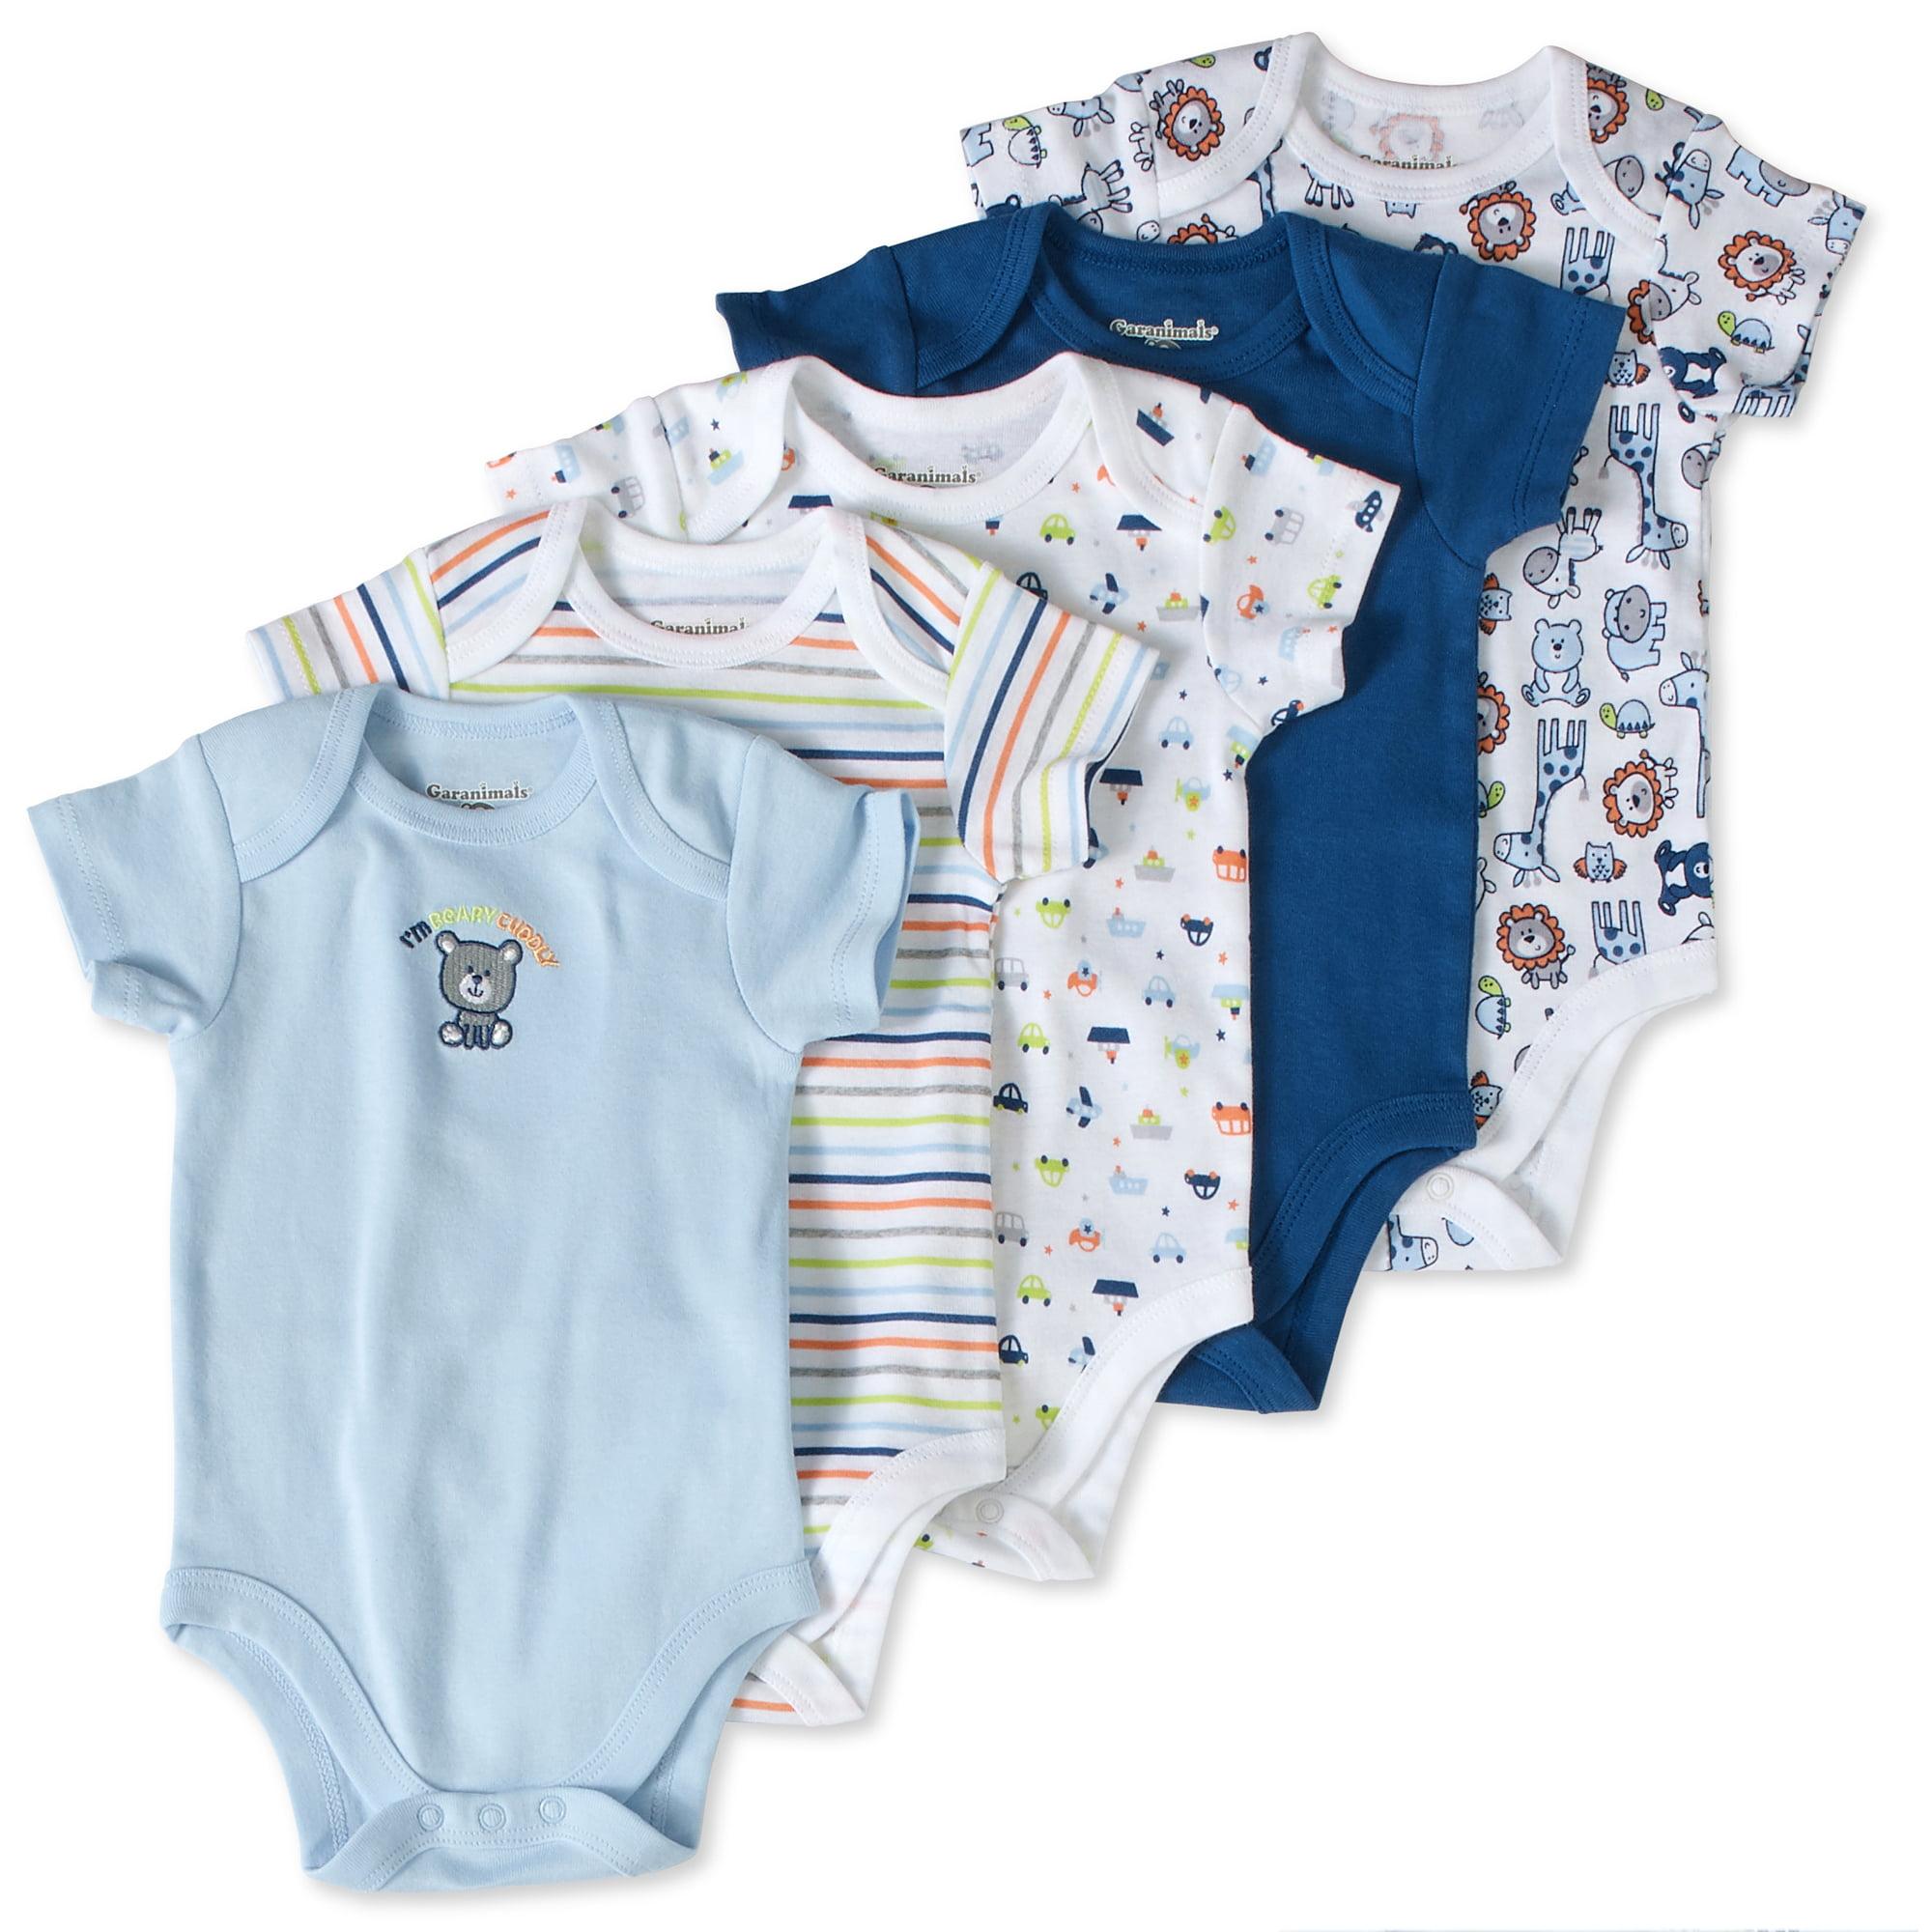 Newborn Baby Boy 20 Piece Layette Baby Shower Gift Set - Walmart.com